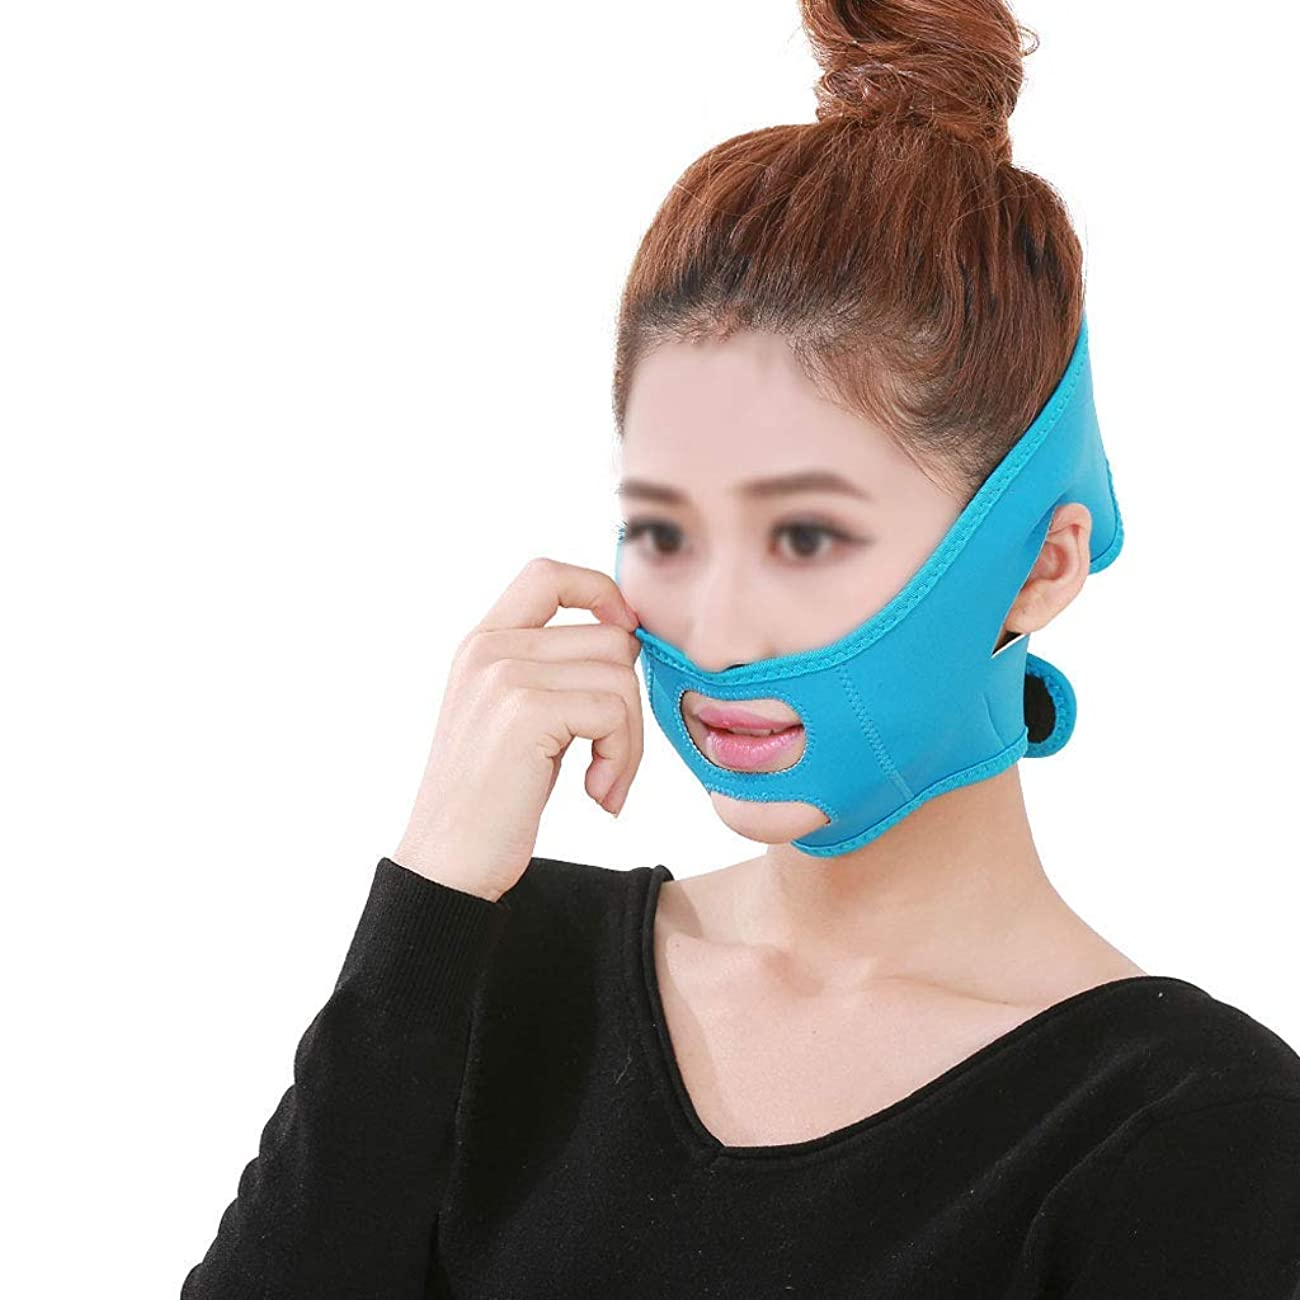 フェイスシンフェイスマスク包帯スモールフェイスVフェイスシンフェイス付き二重あごフェイスリフティングツール